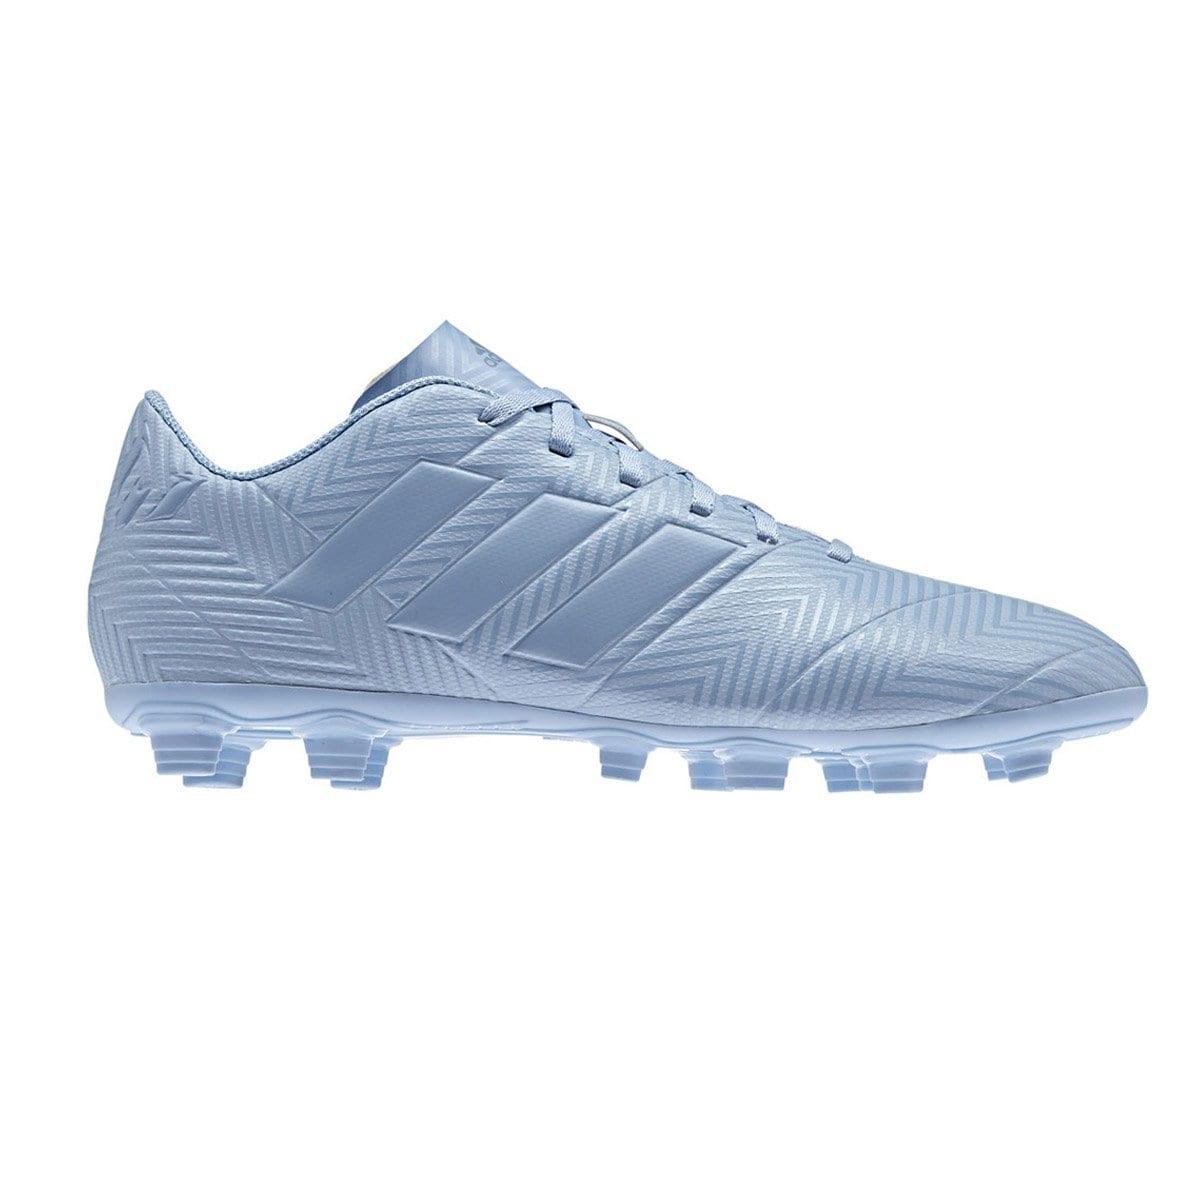 Calzado Soccer Adidas - Caballero